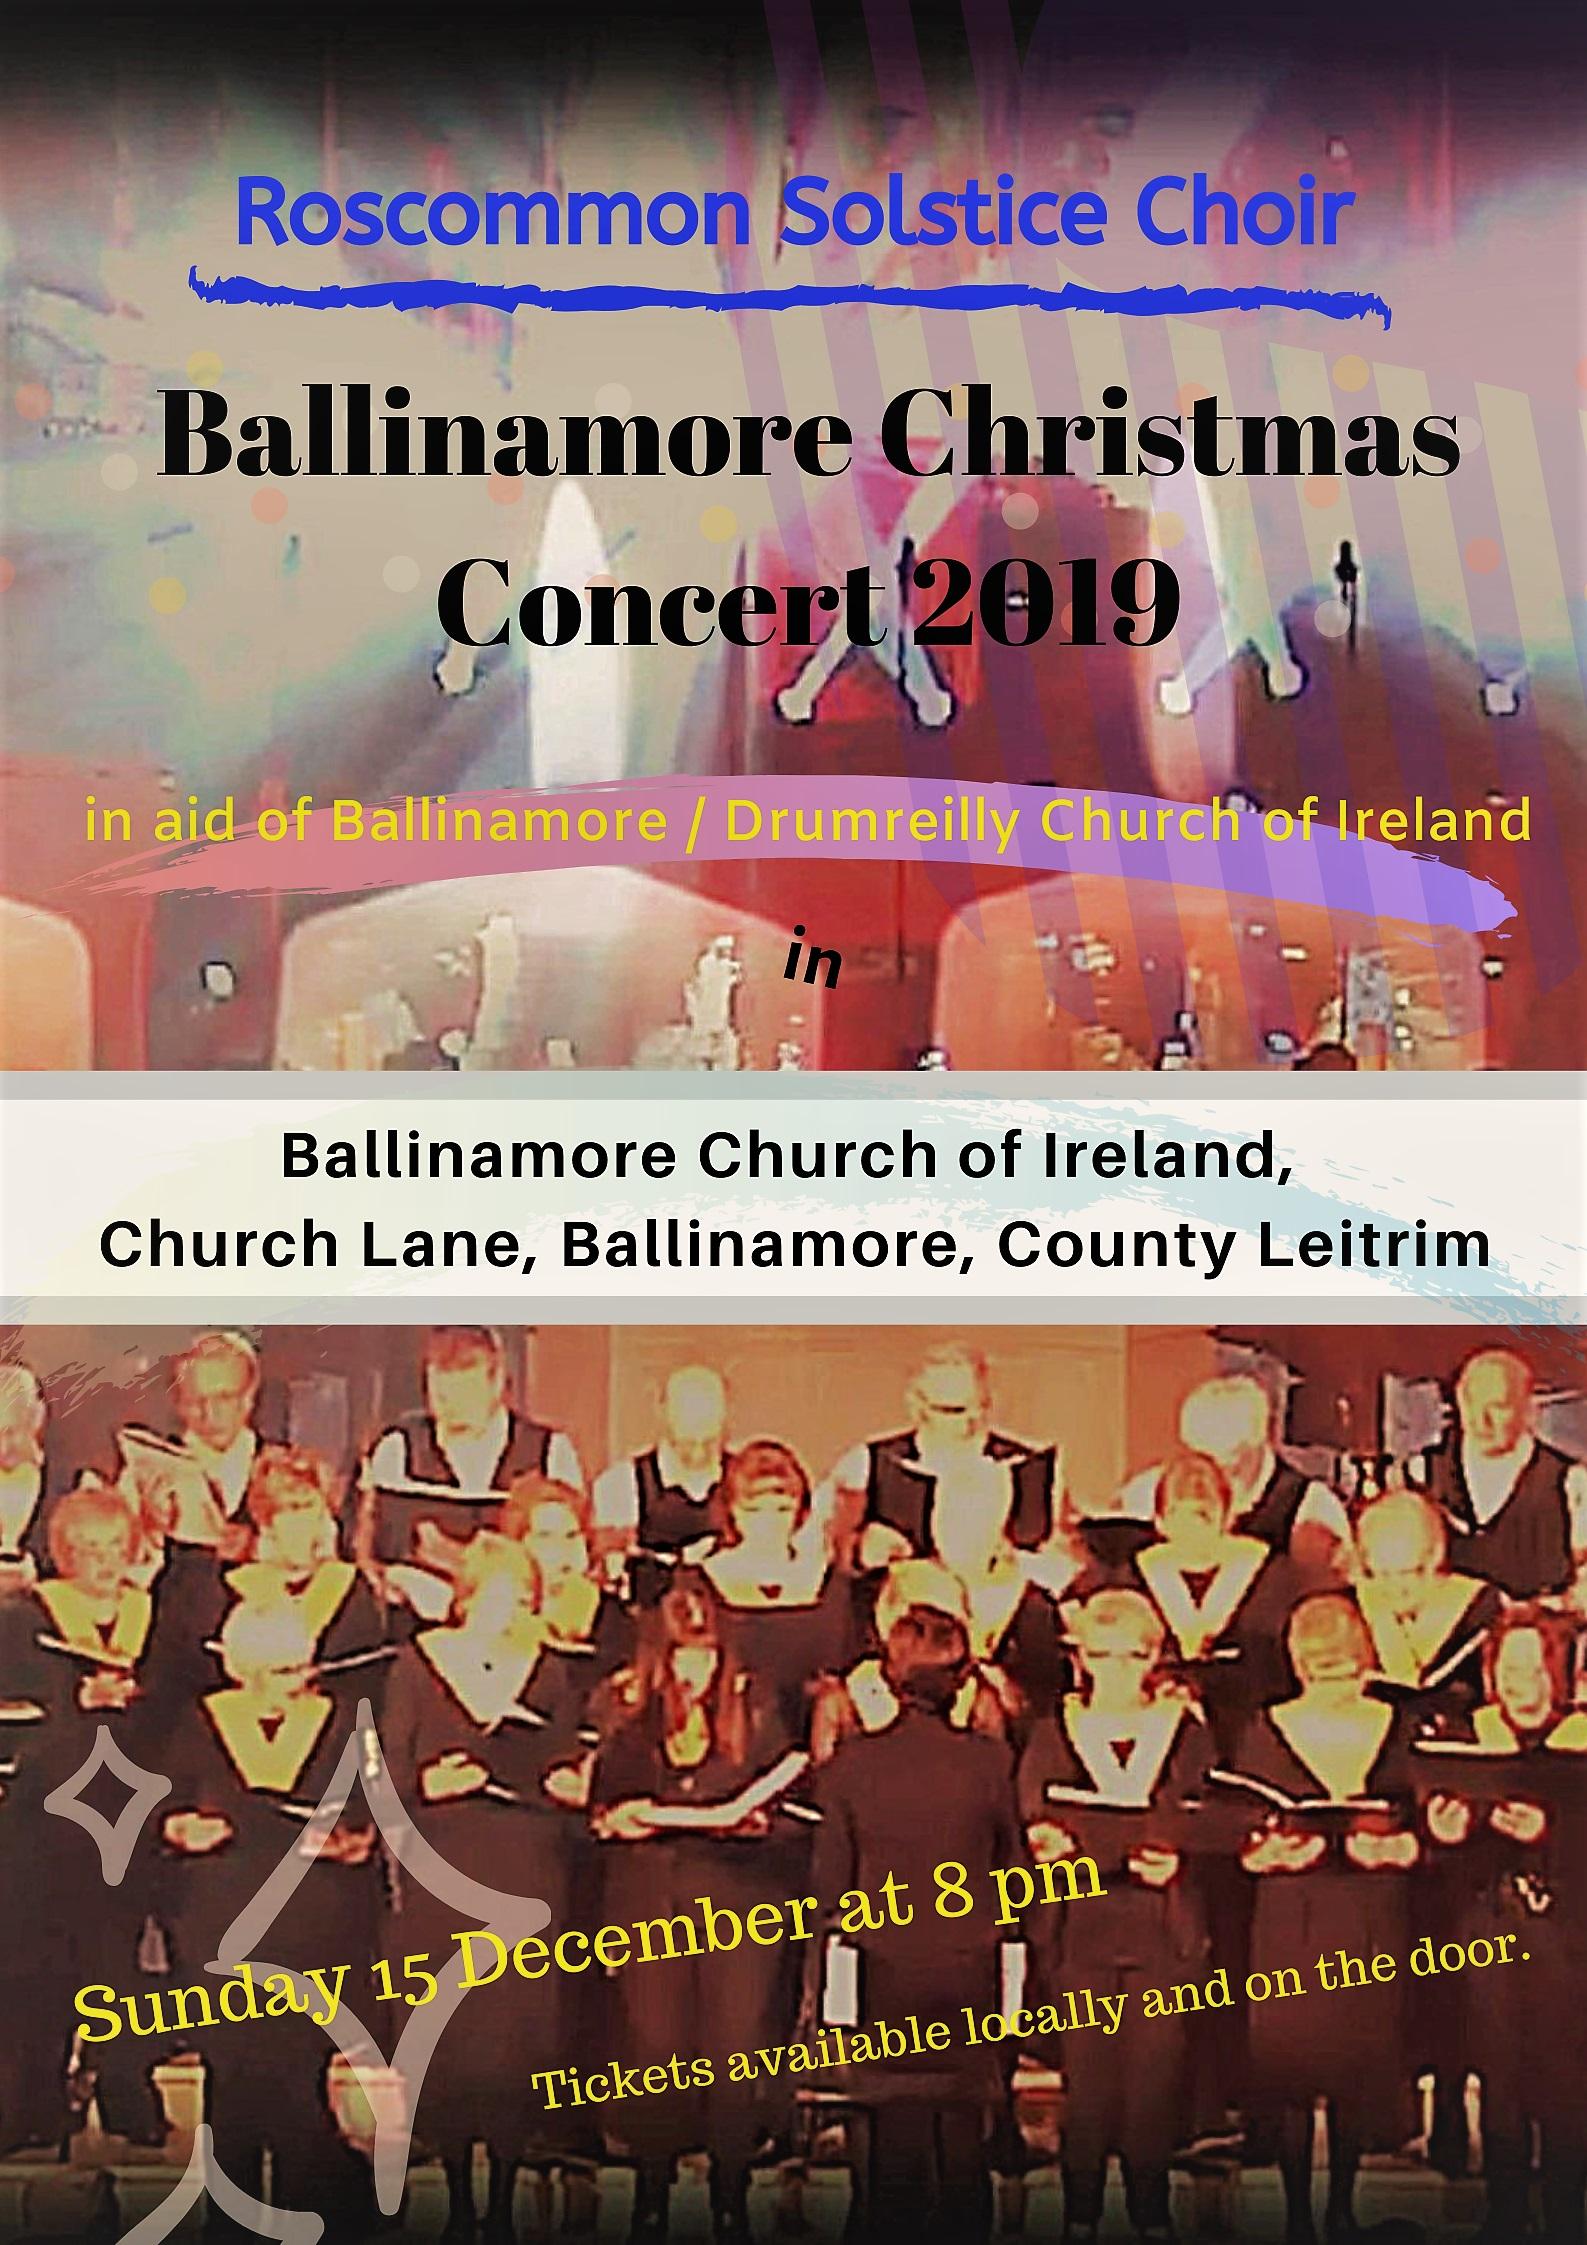 Ballinamore Christmas Concert 2019